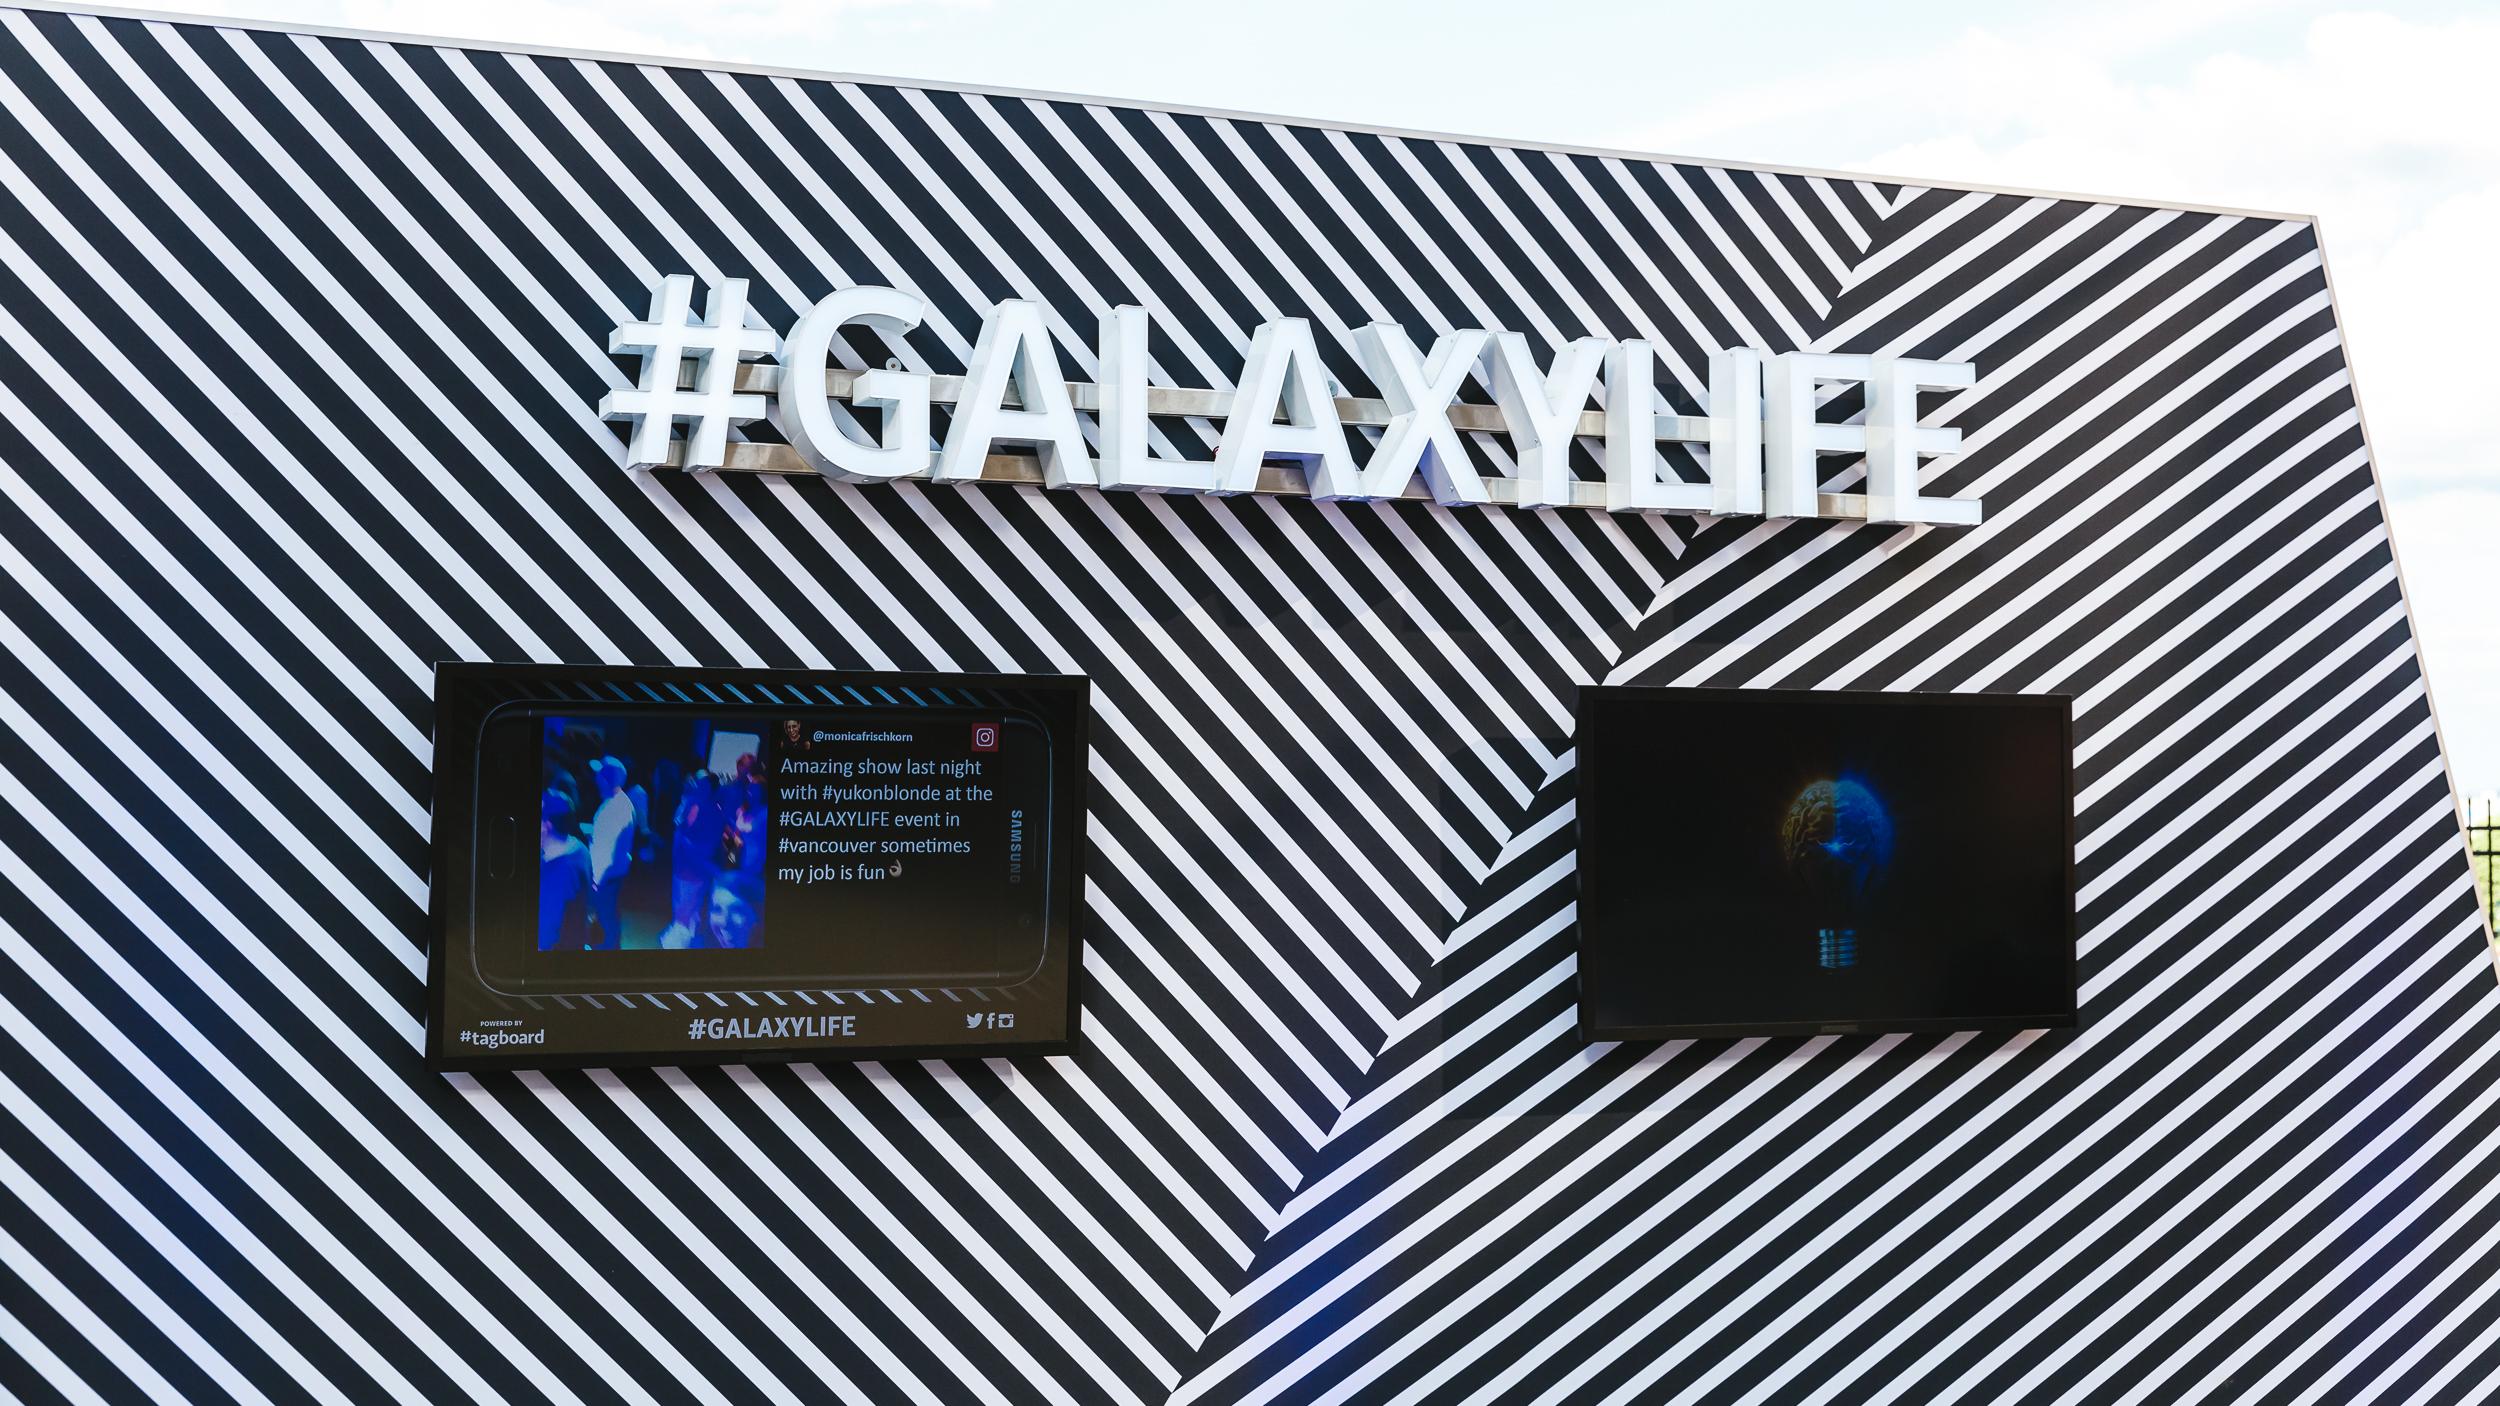 Samsung-Galaxy-Life-photo1.jpg